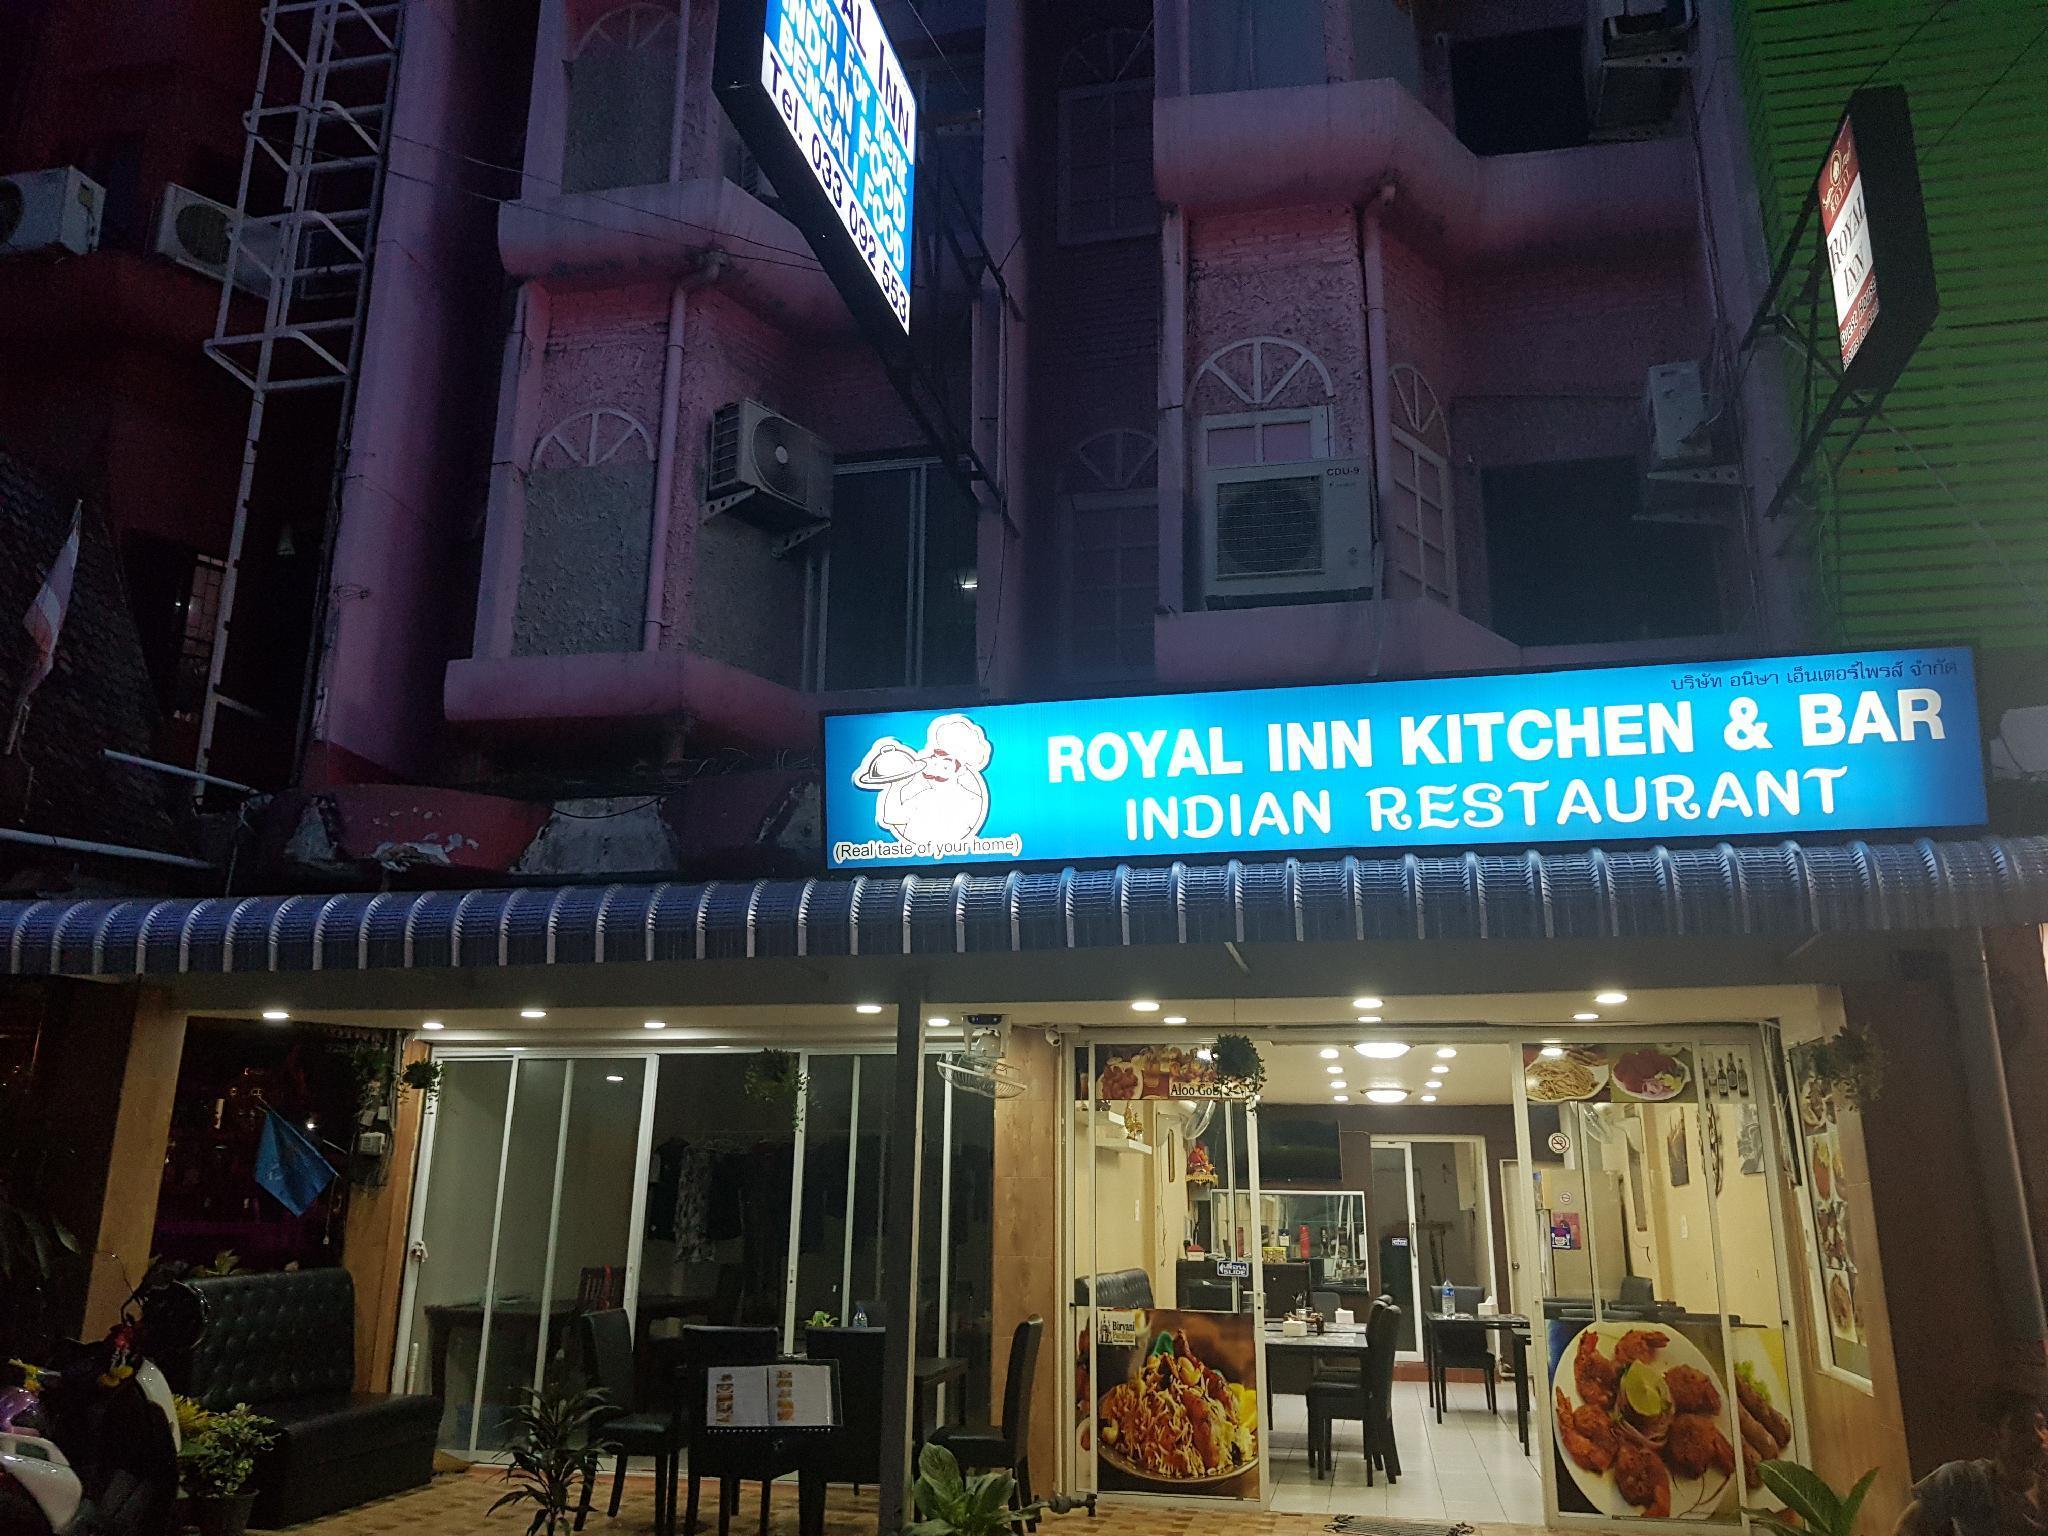 Royal Inn Kitchen And Bar